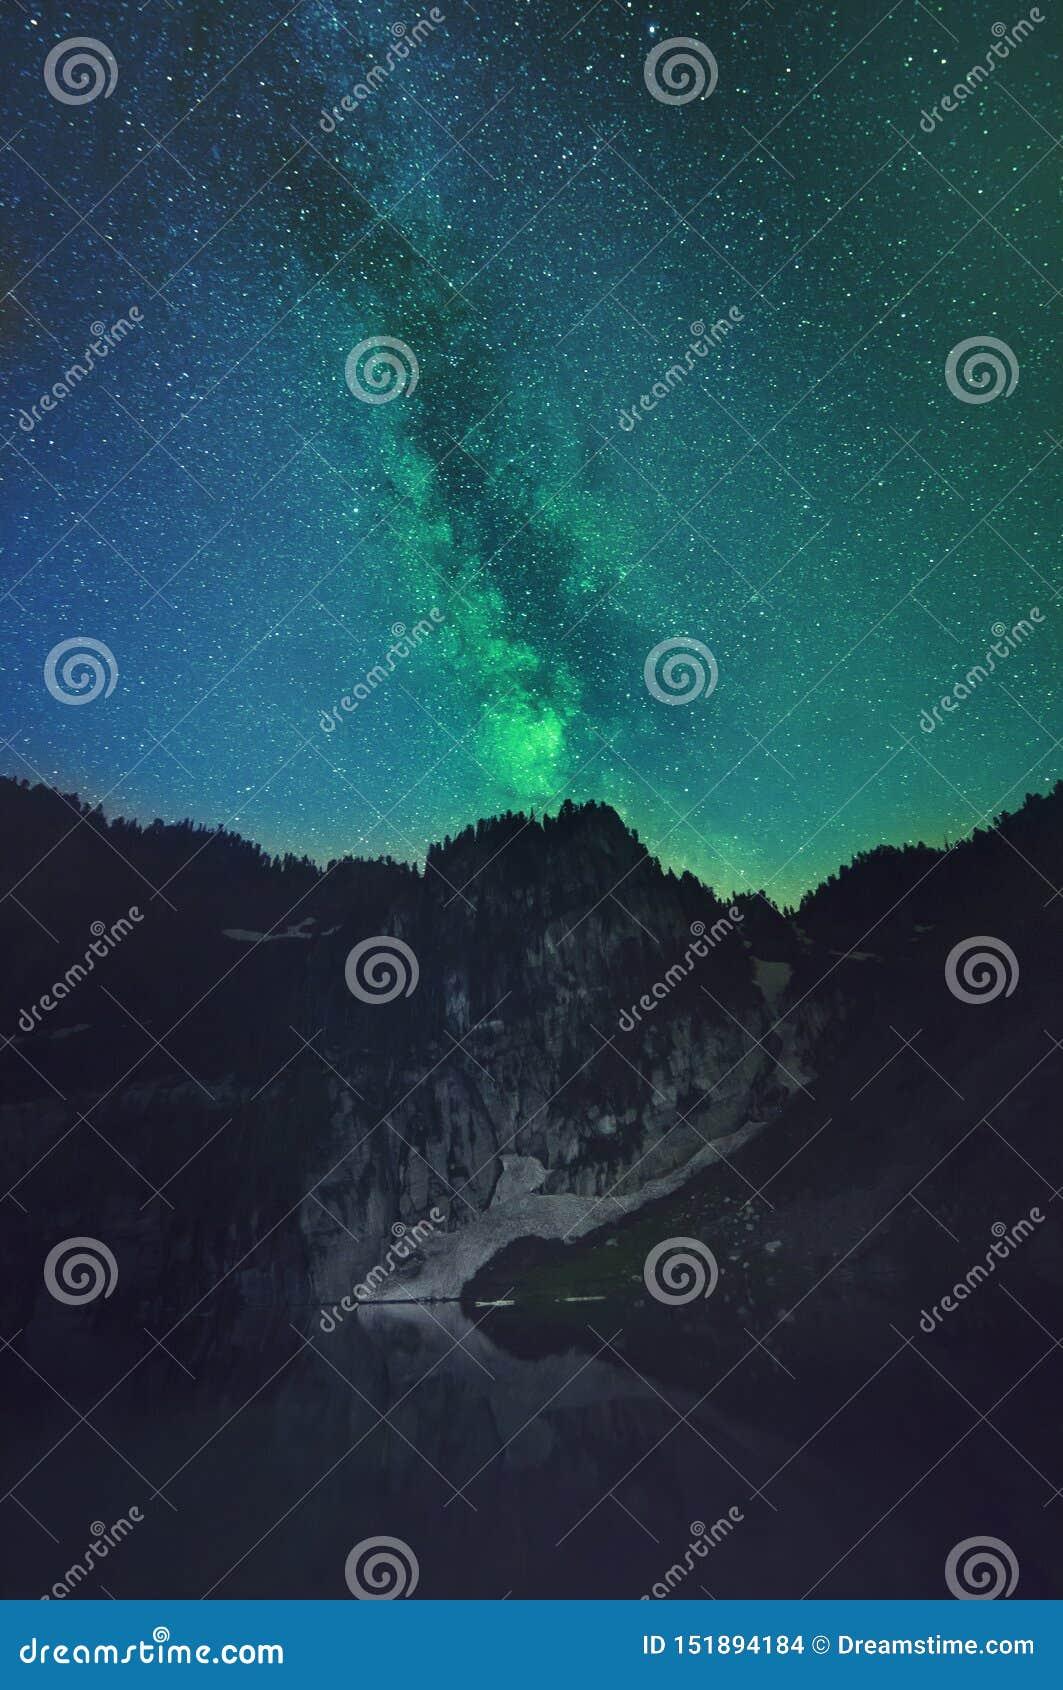 Paisagem da montanha com a Via Látea visível atrás dela